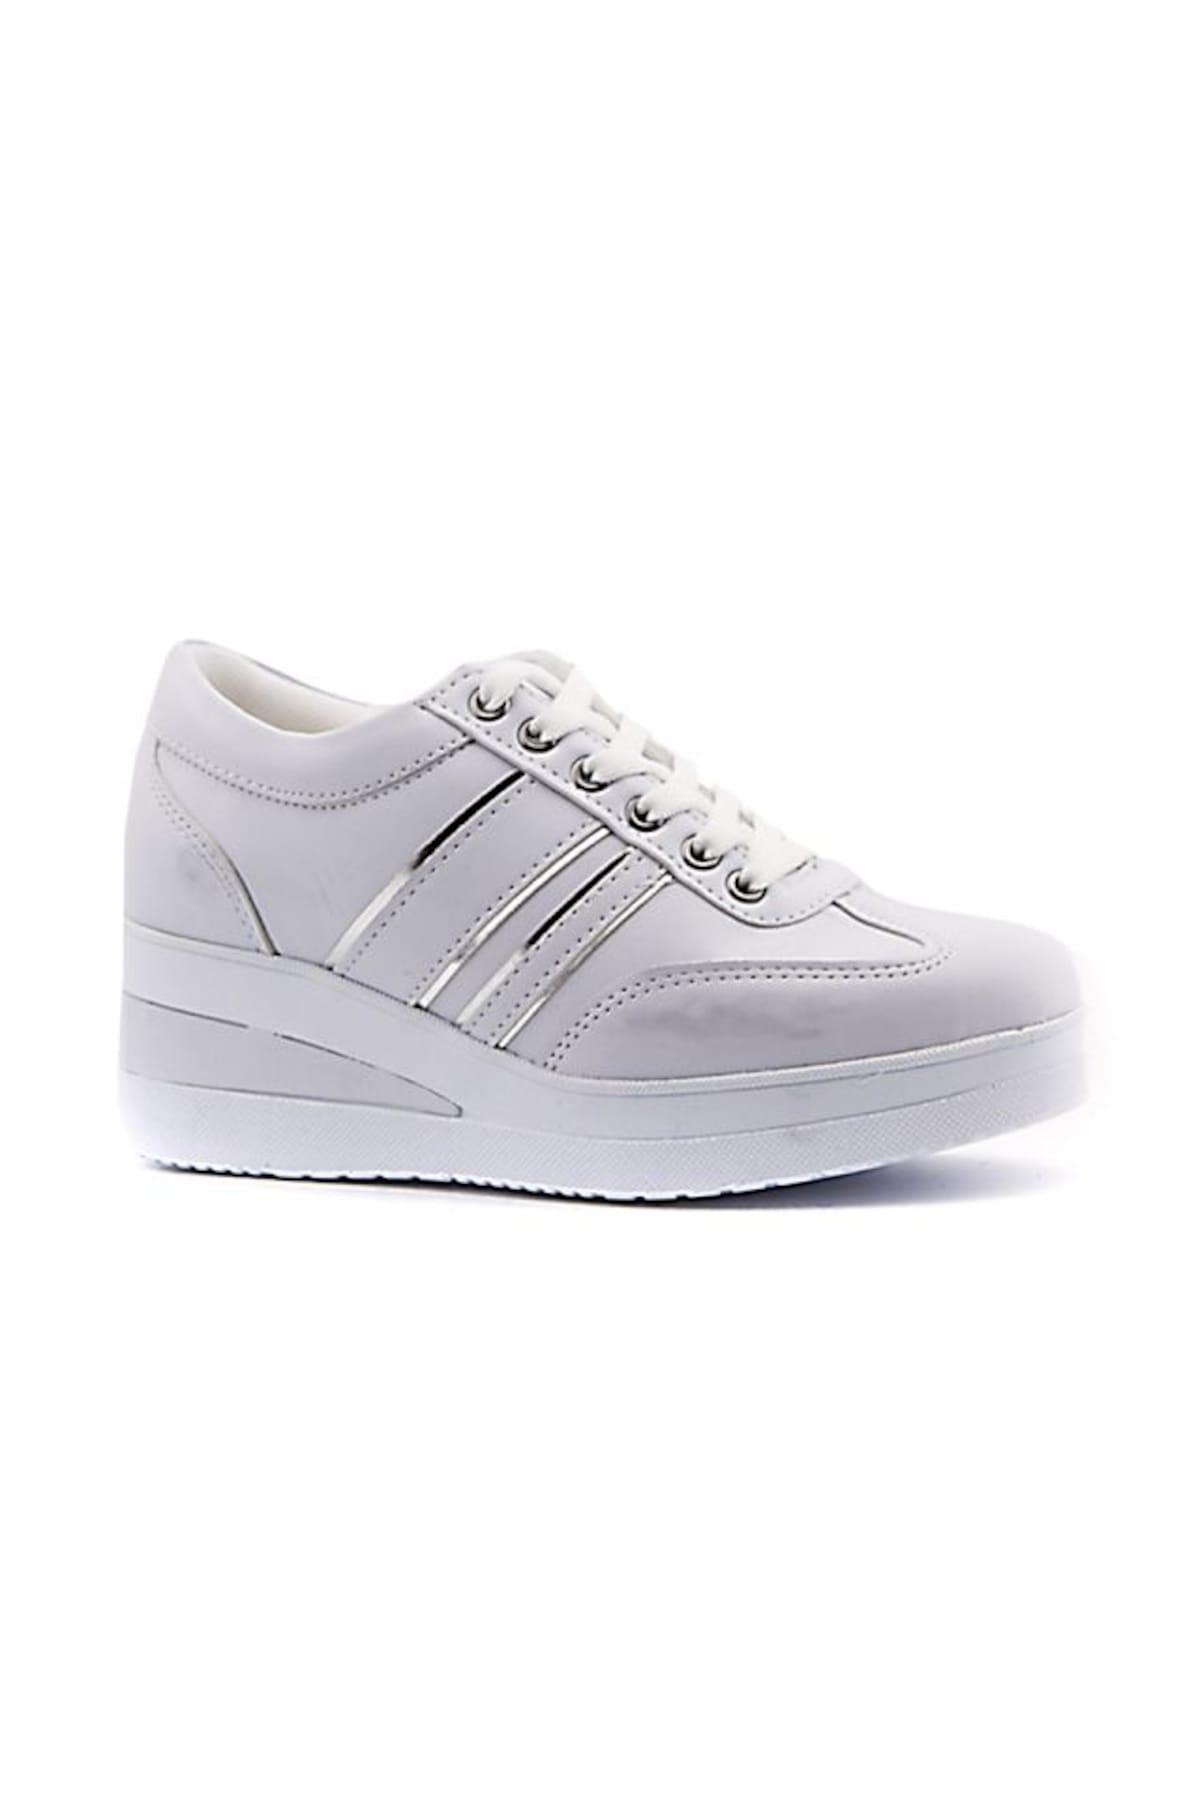 Günlük Ayakkabı Topuk Şekilleri